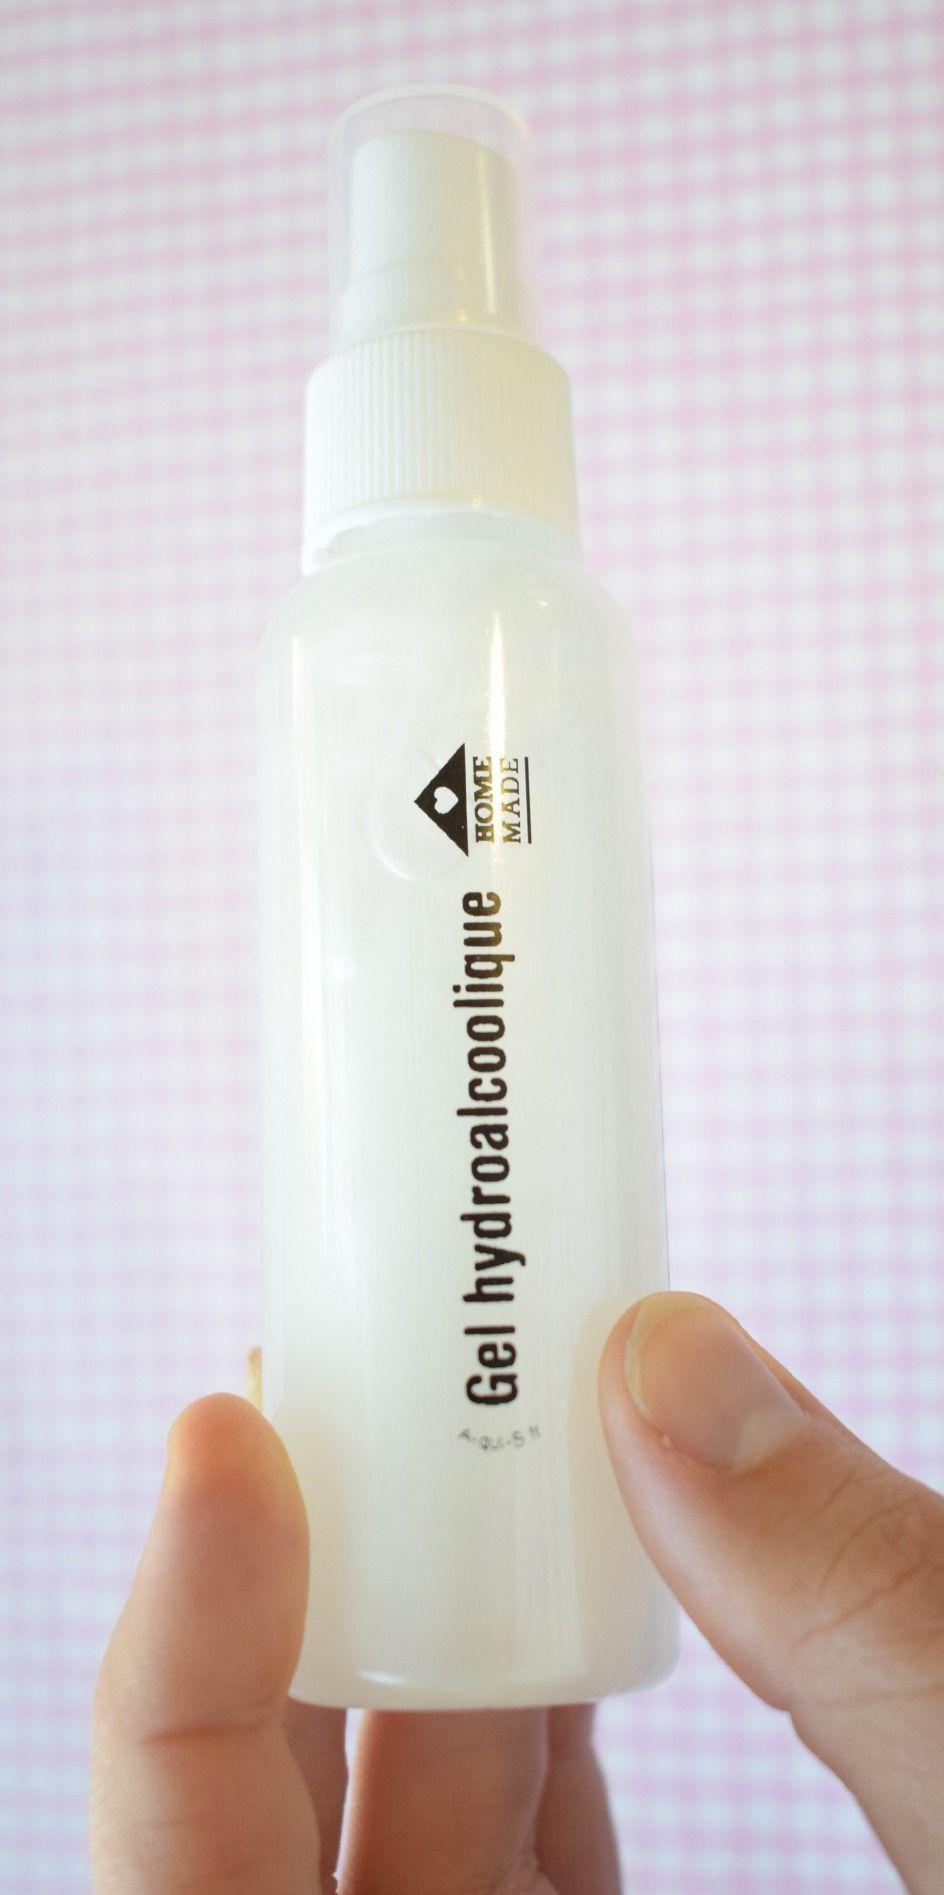 Nettoyant Mains Gel Pour Les Mains The Body Shop Produits